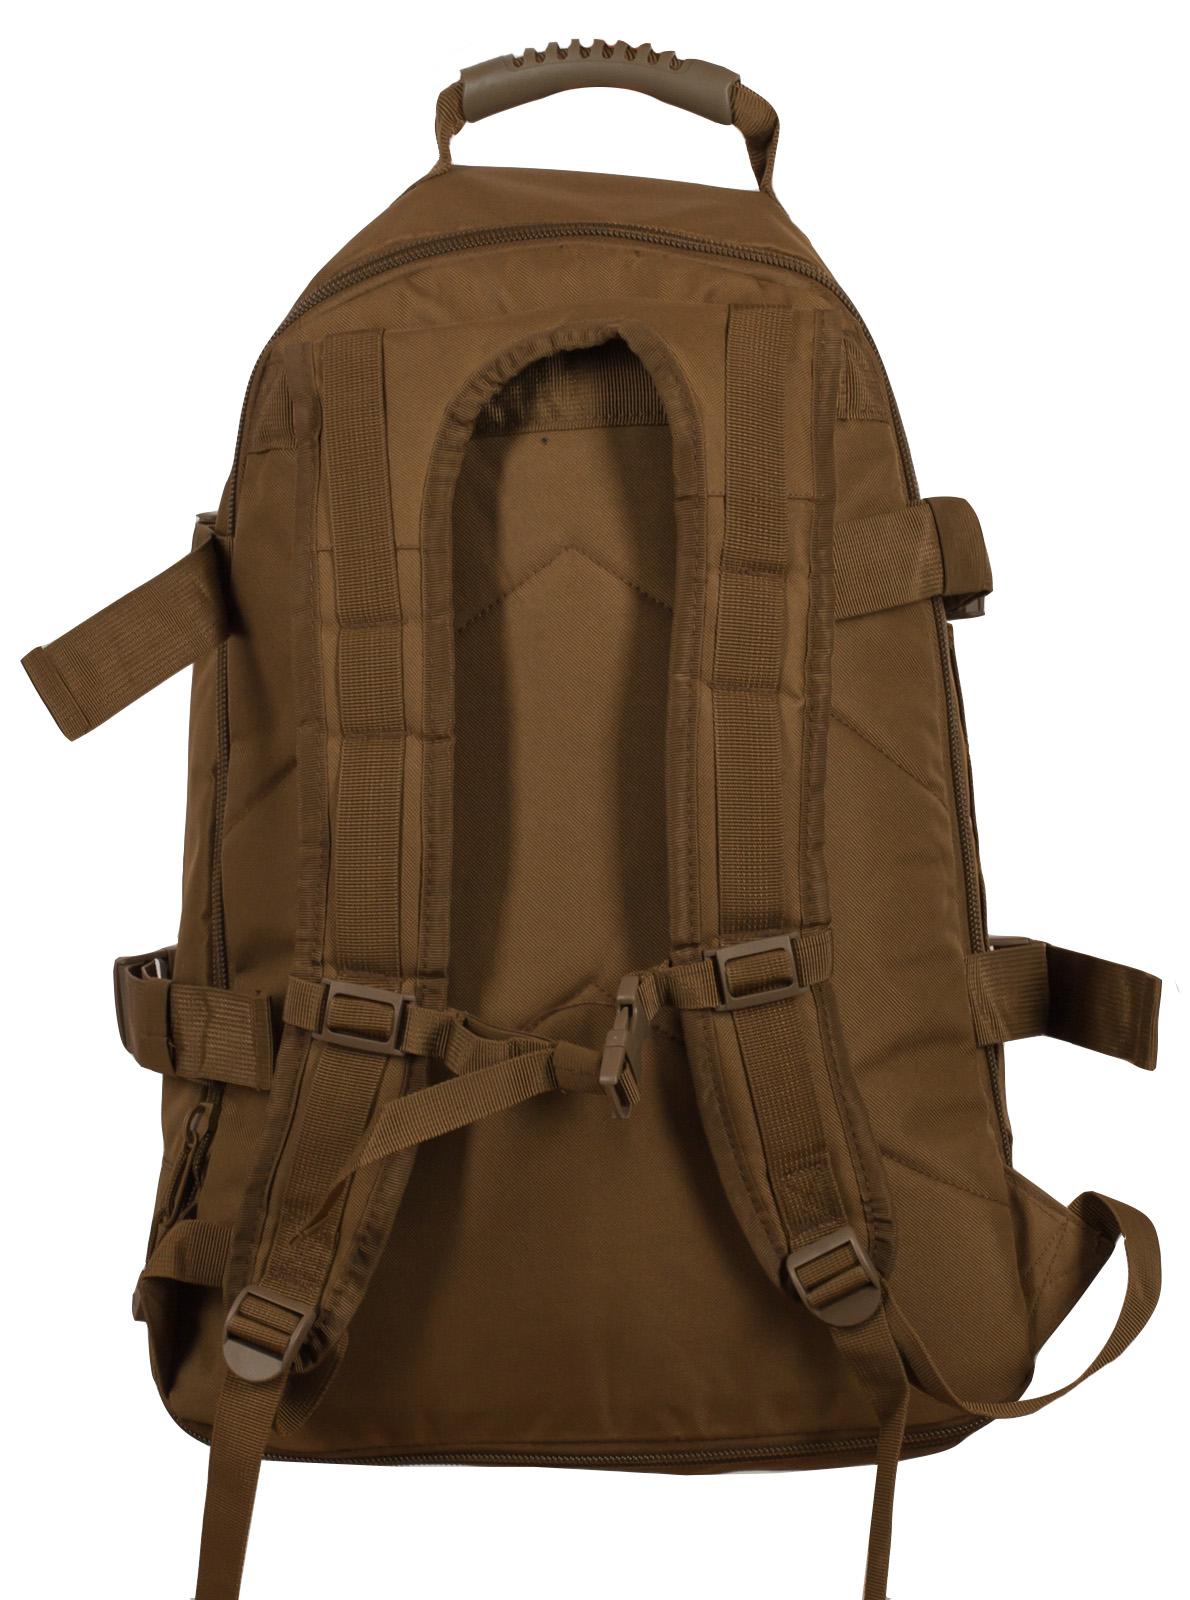 Вместительный патрульный рюкзак с нашивкой ВМФ - заказать онлайн